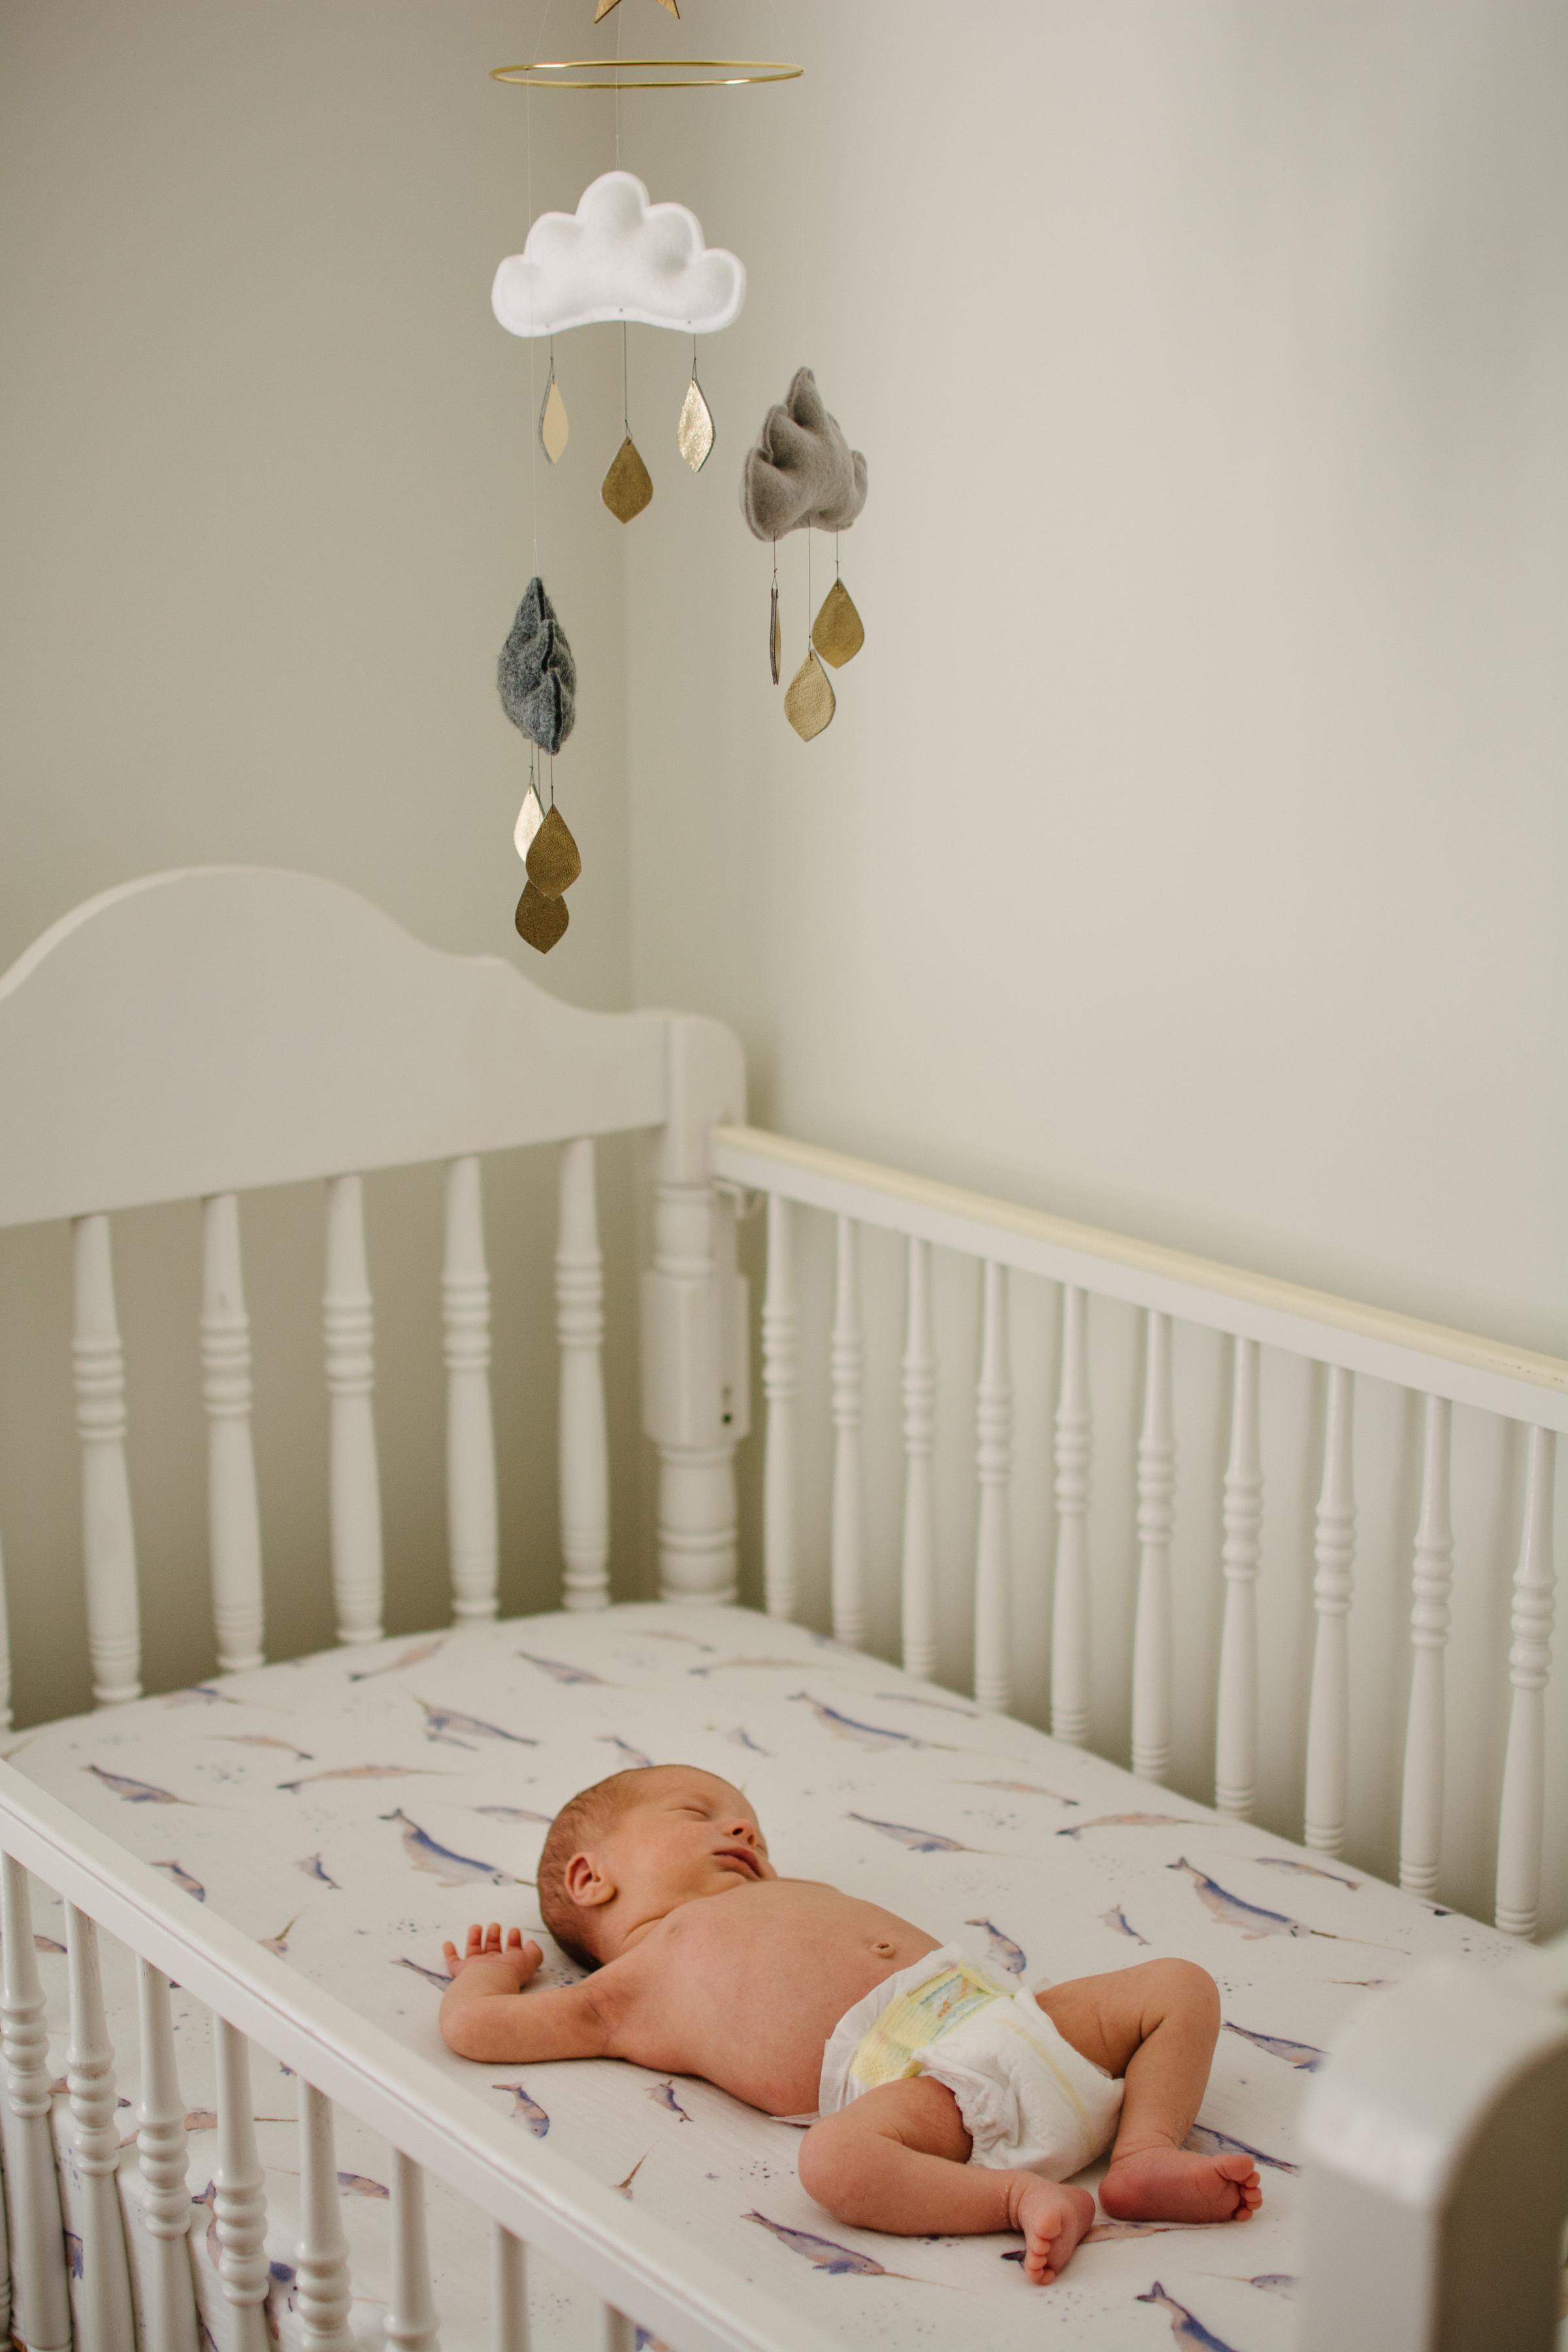 photo-d-un-nouveau-ne-endormi-dans-sa-bassinette_photographe-lifestyle-famille-montreal.jpg